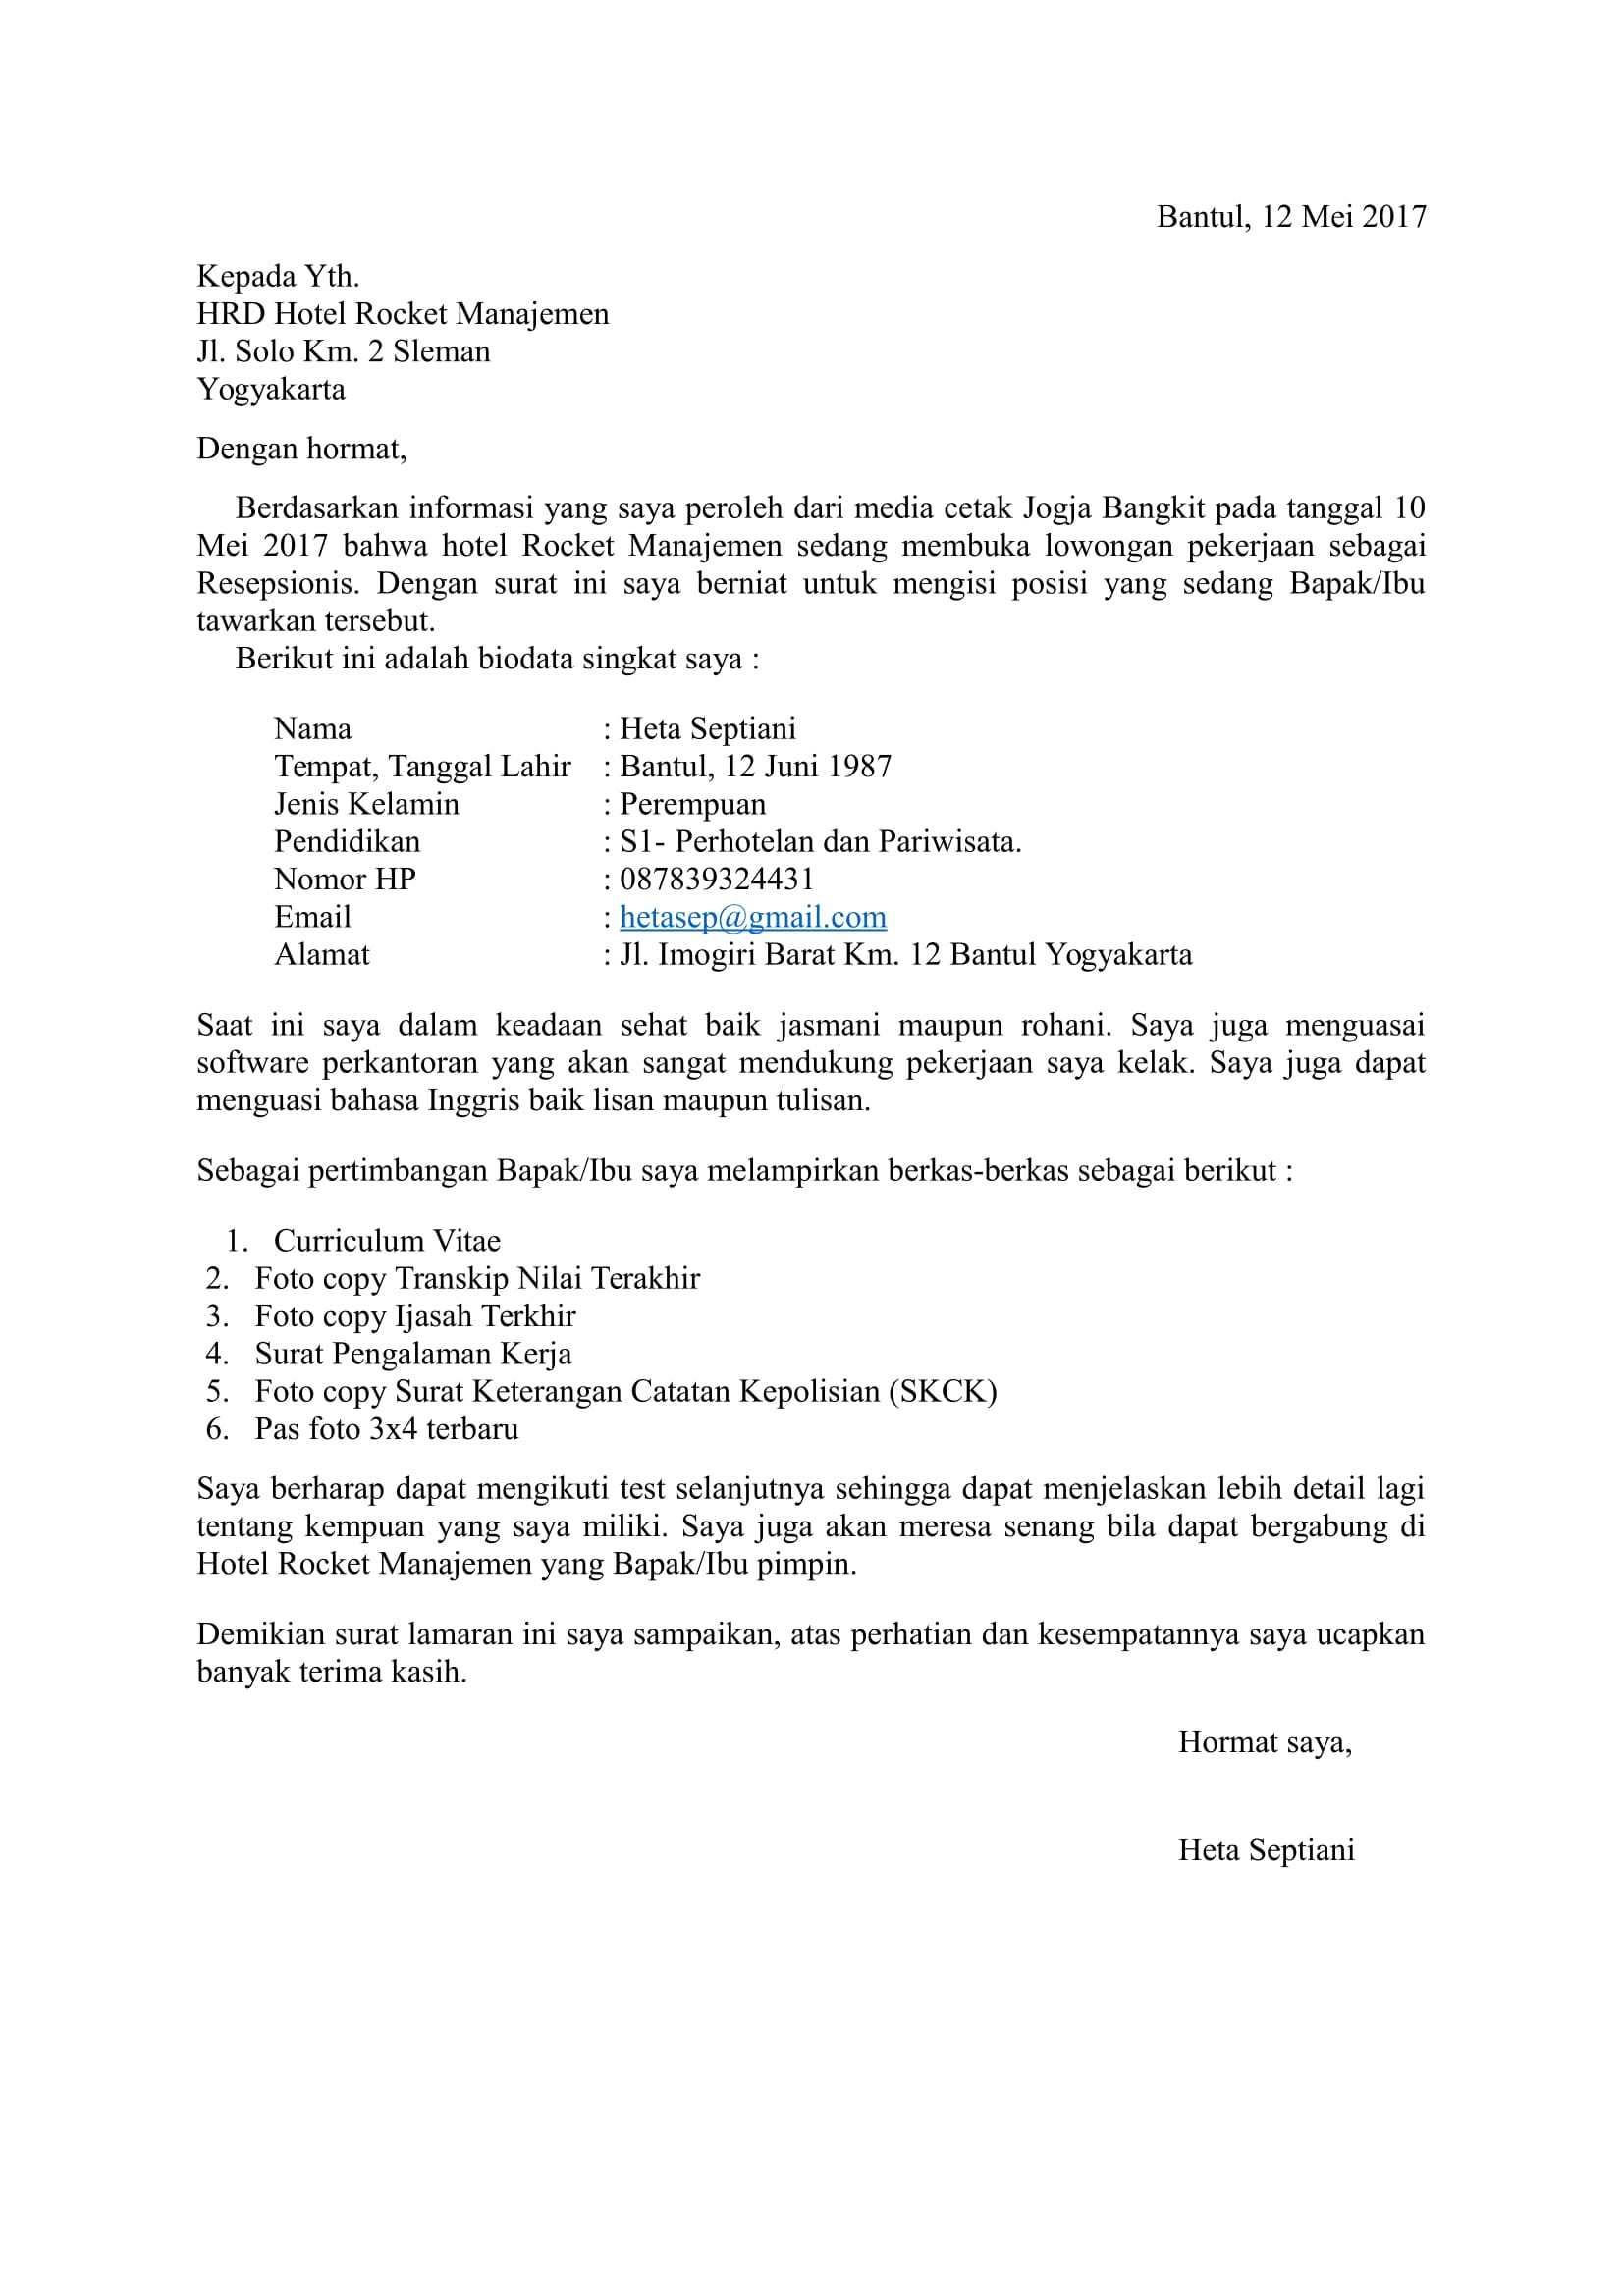 Contoh Surat Lamaran Kerja di Hotel